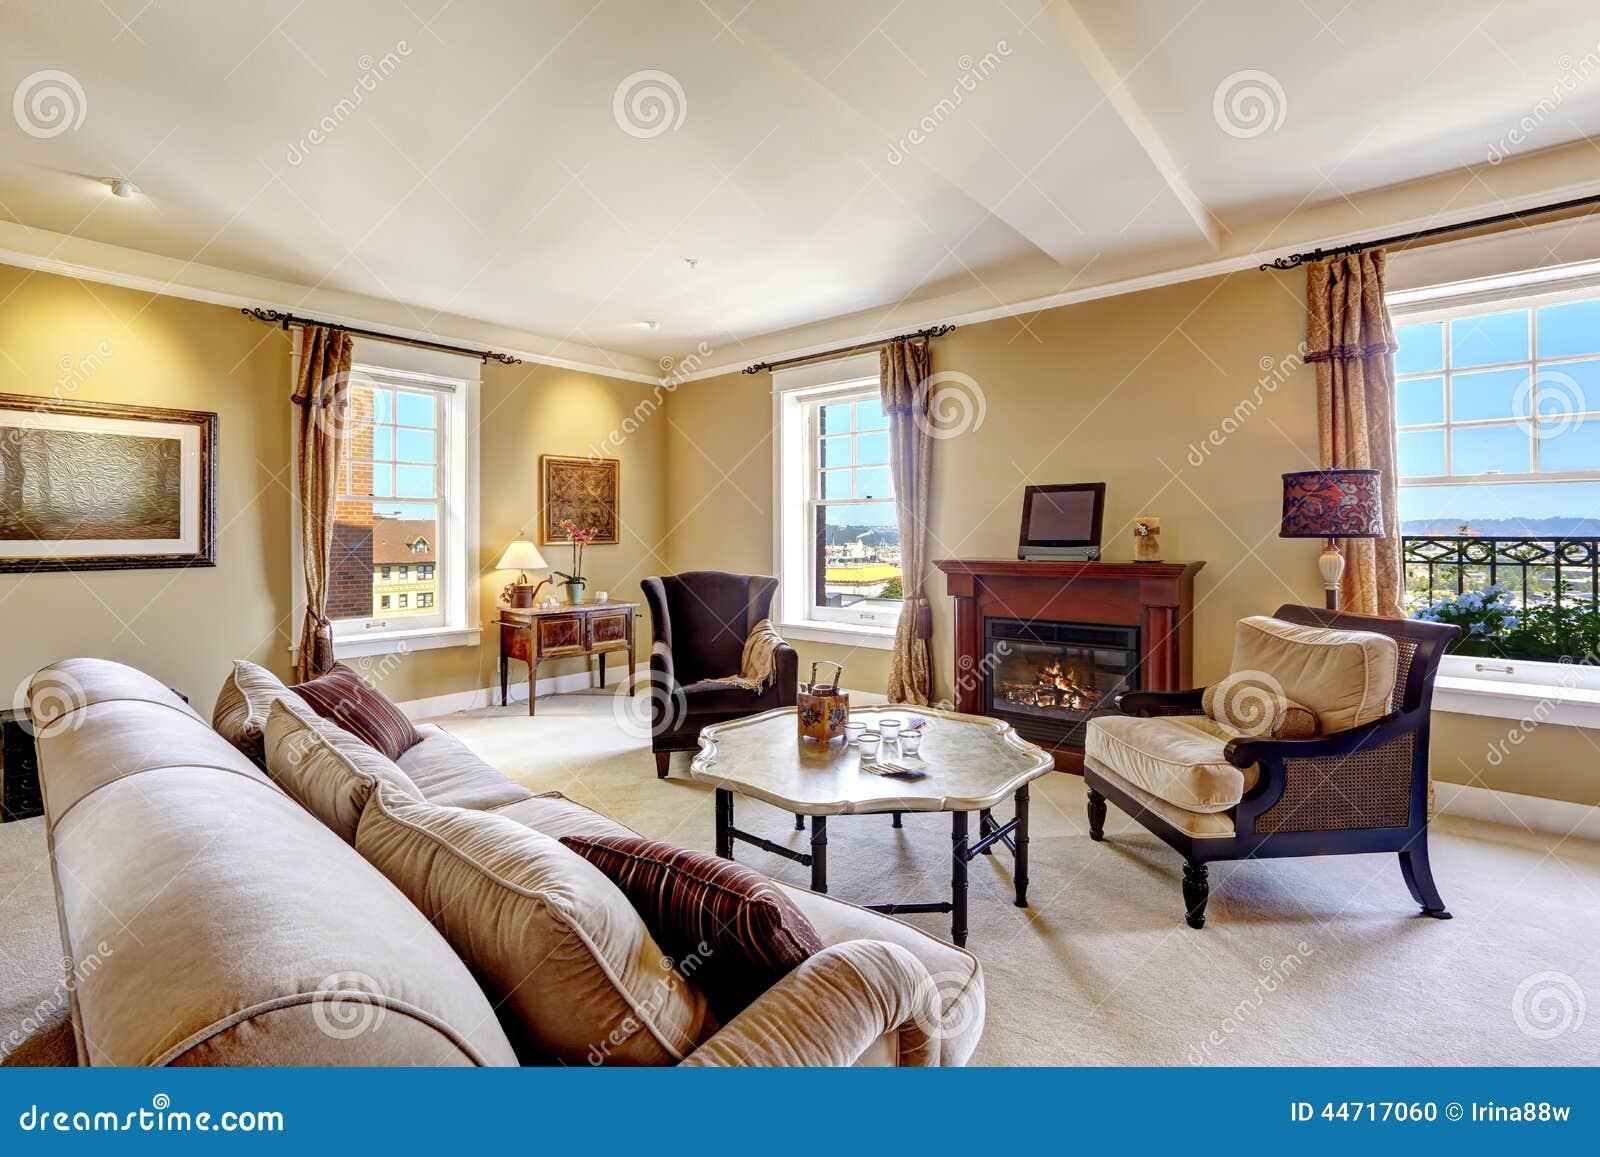 l 39 int rieur d 39 appartement avec la chemin e et l 39 antiquit d nomment des meubles photo stock. Black Bedroom Furniture Sets. Home Design Ideas